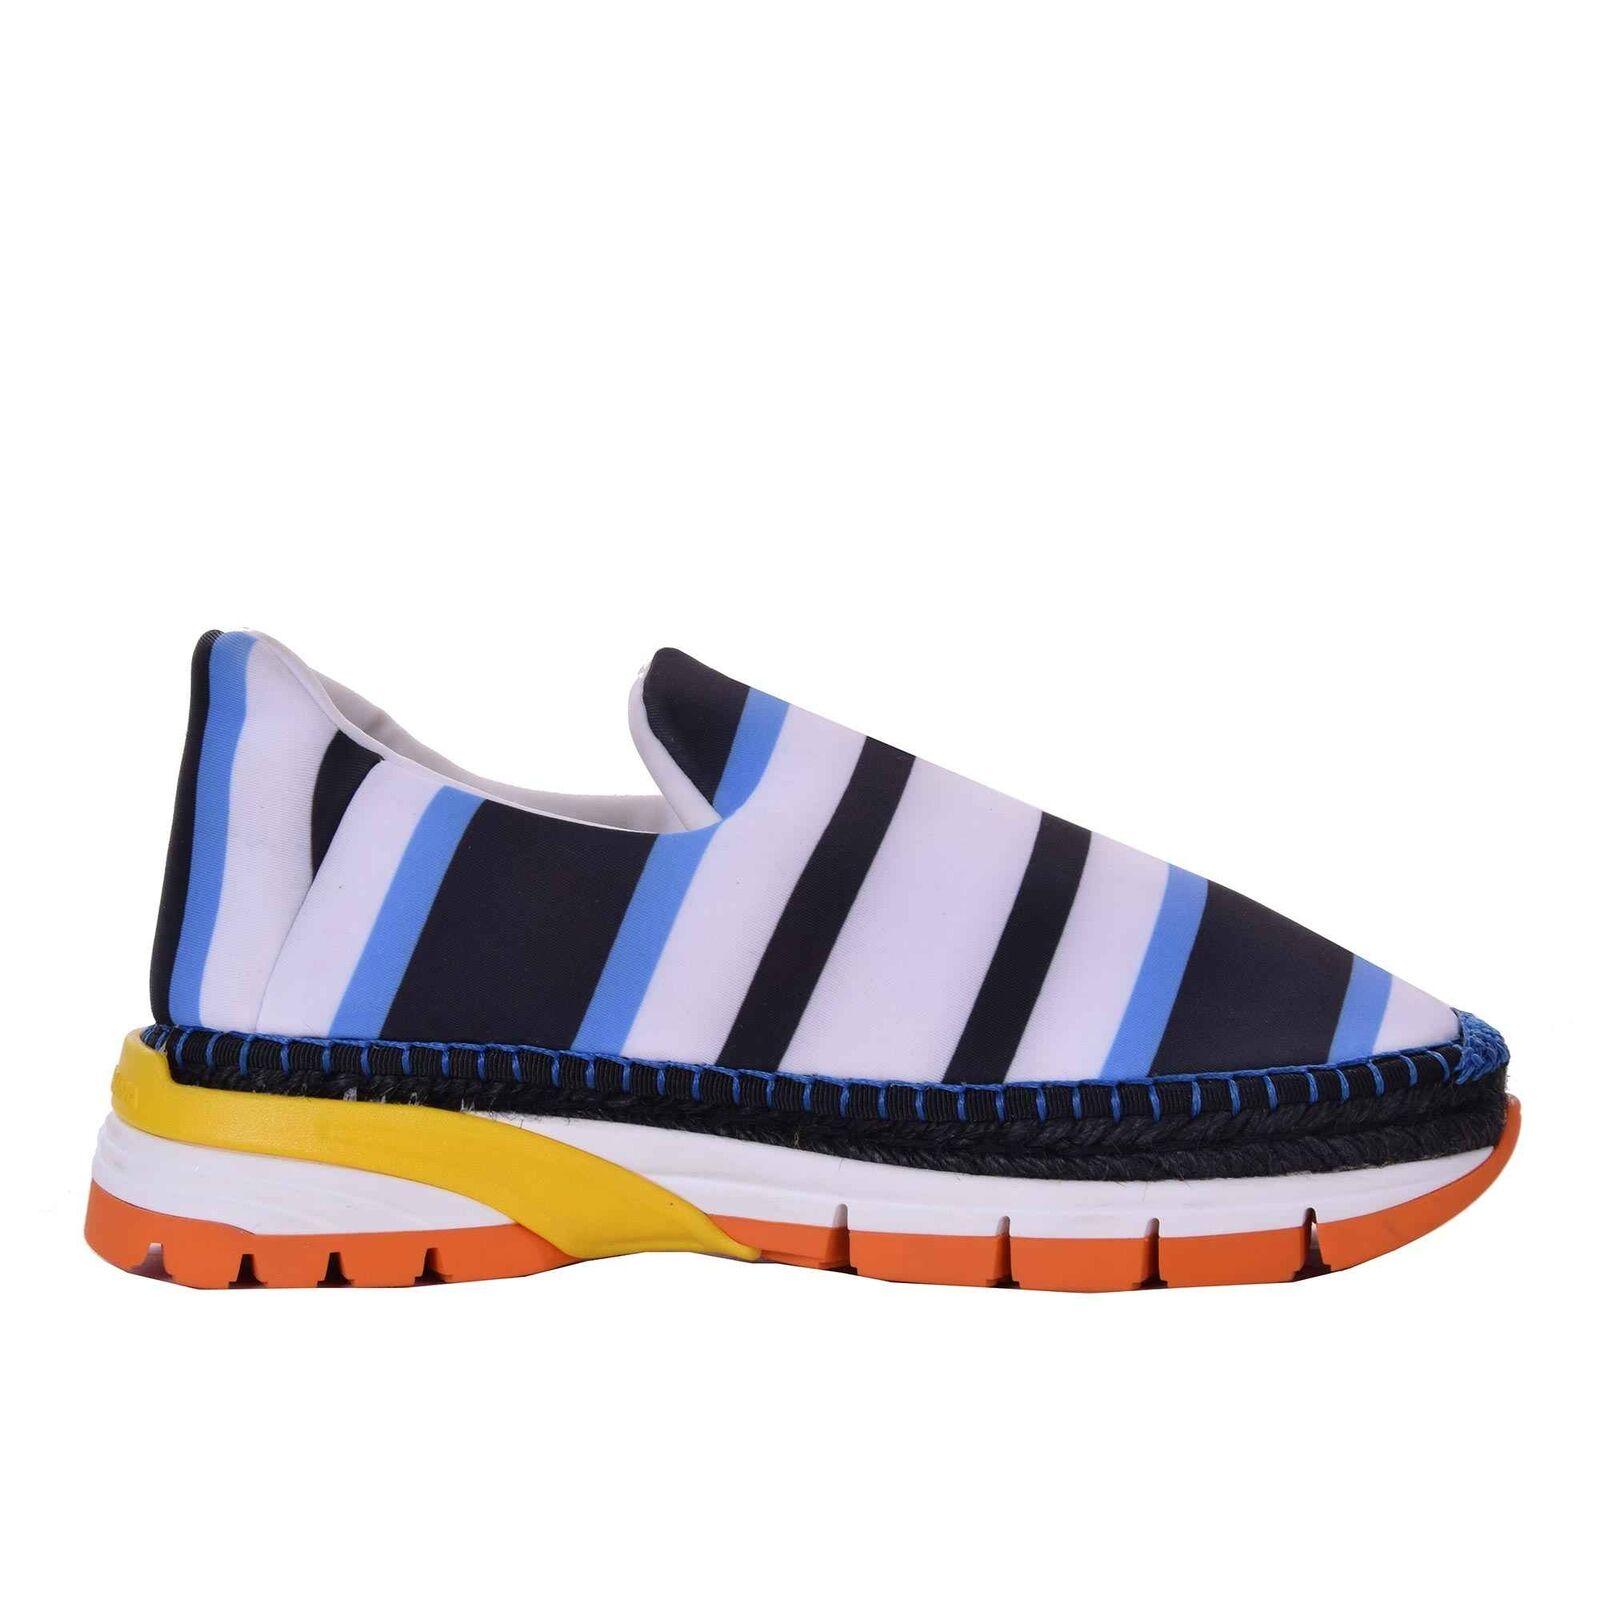 DOLCE & GABBANA Neopren Espadrilles Weiss Sneaker Schuhe Streifen Blau Weiss Espadrilles 06653 8ec53d